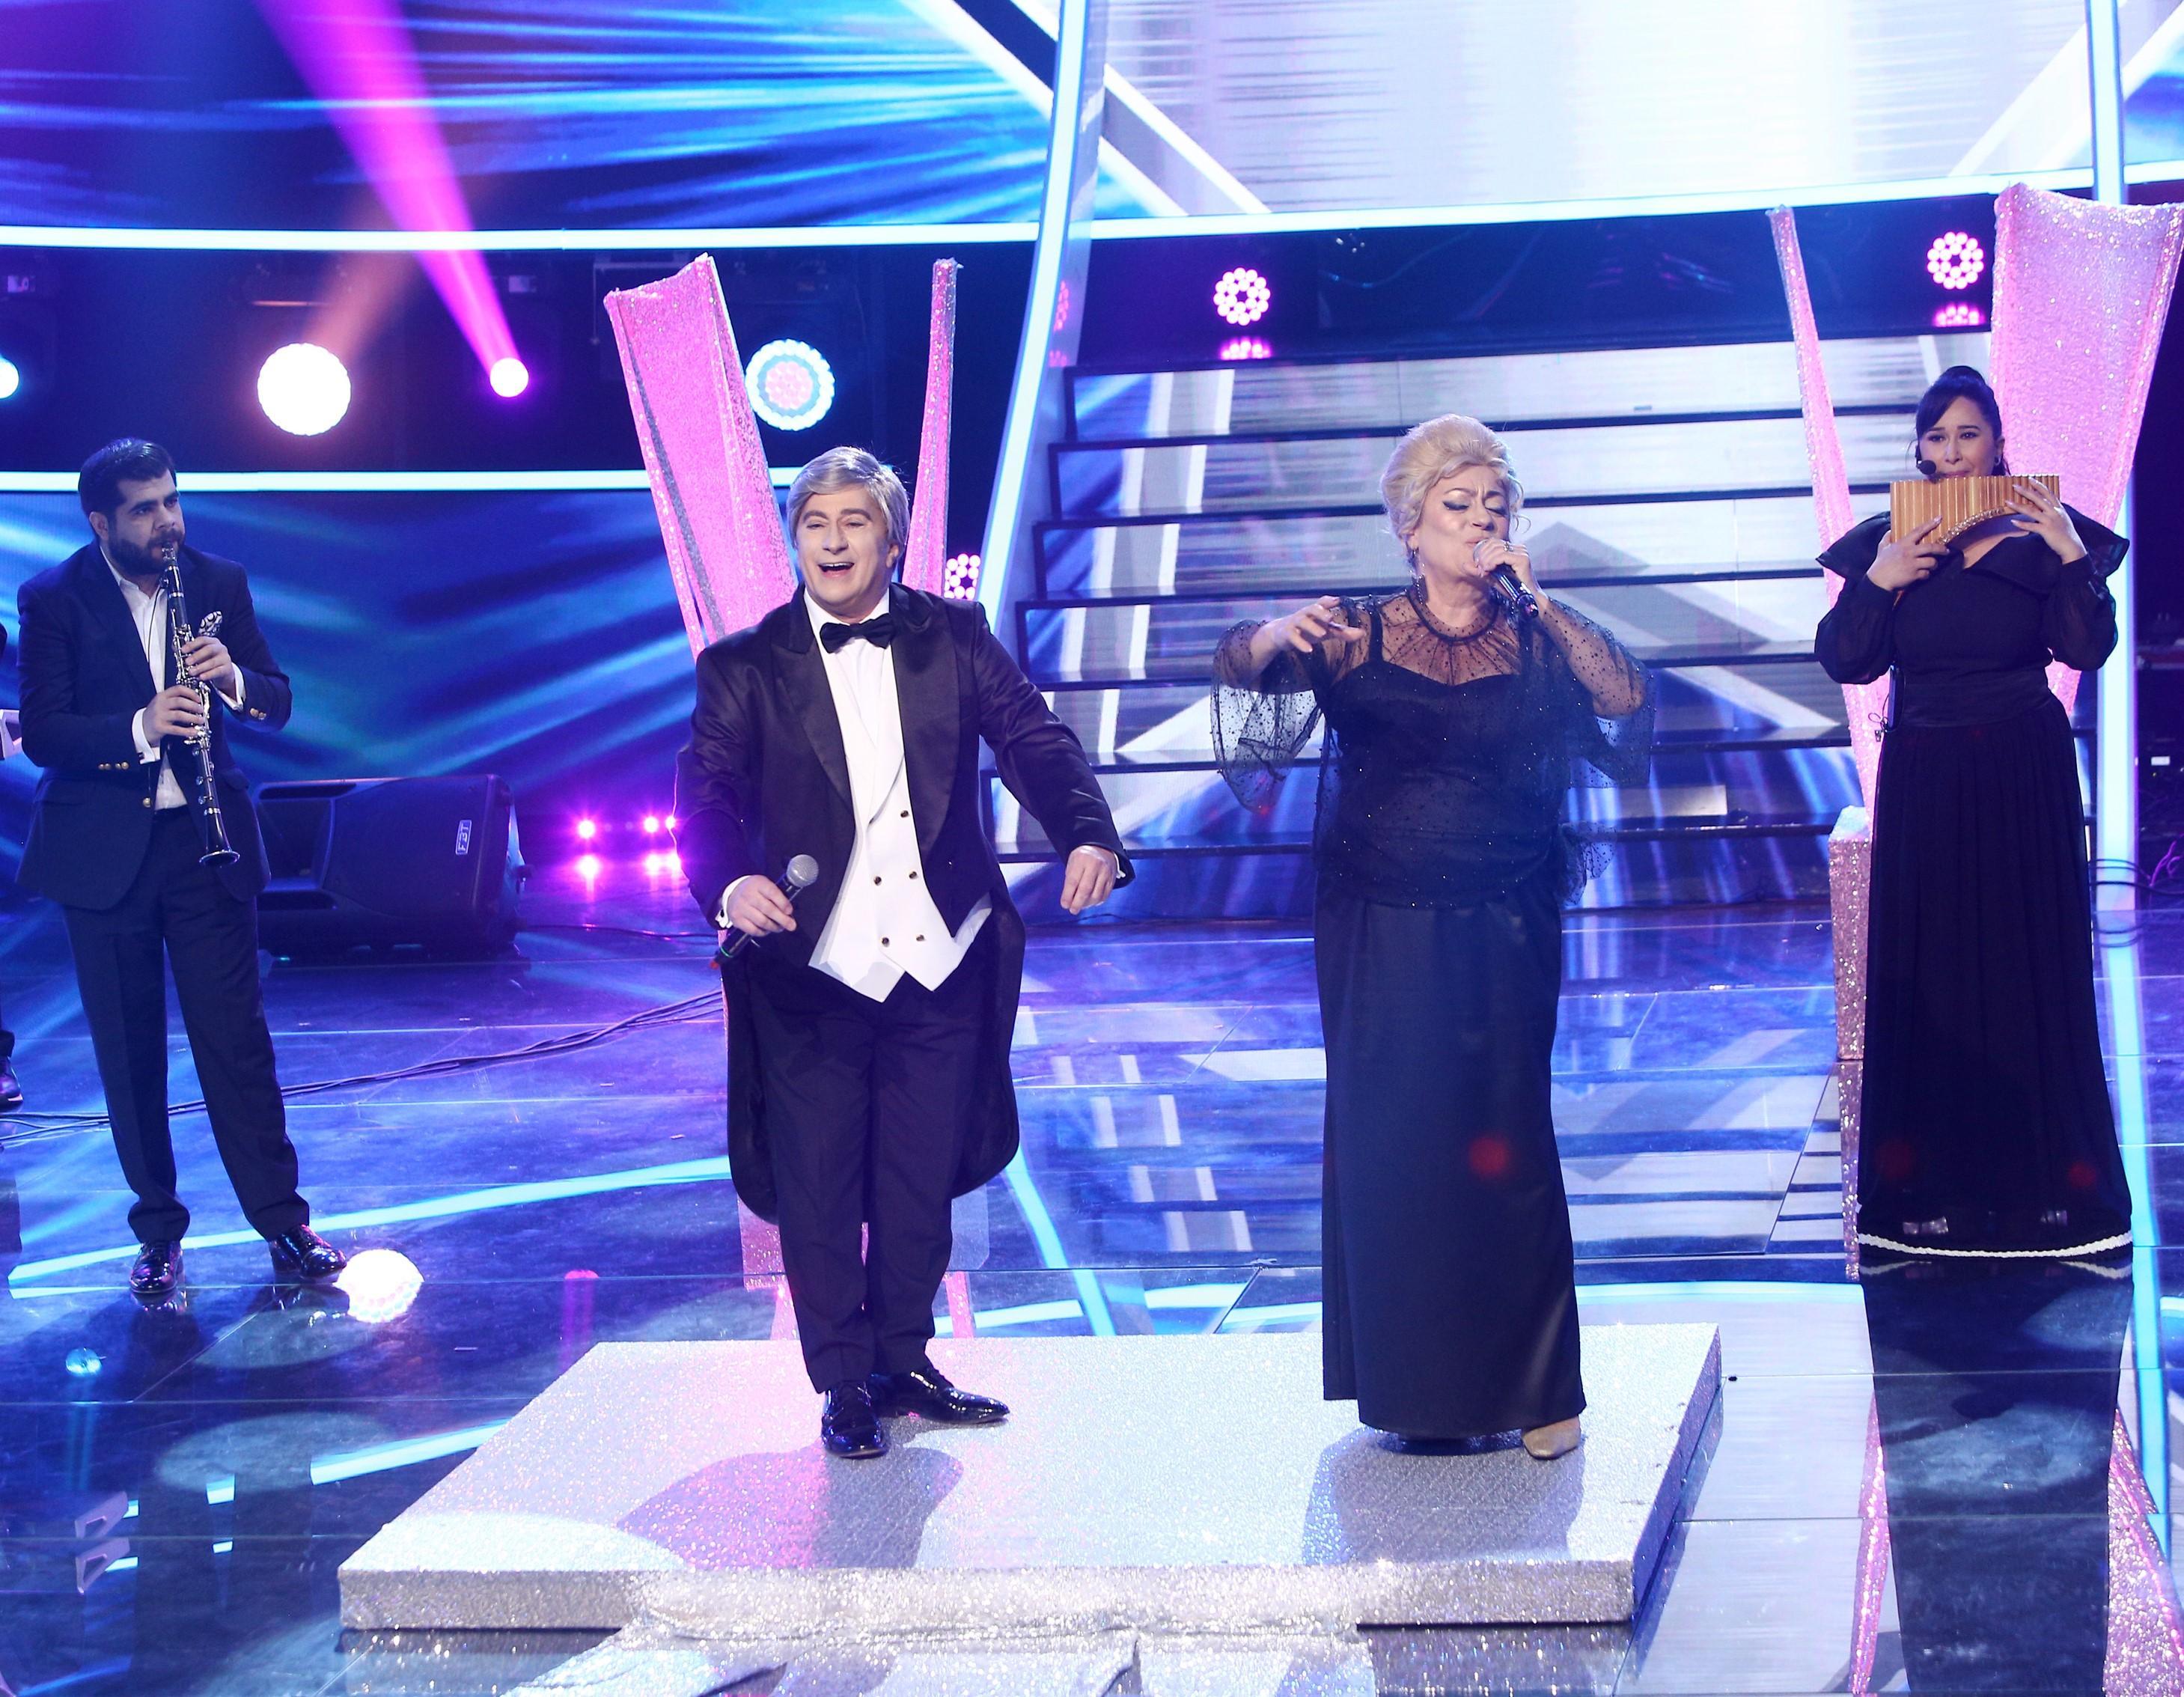 Te cunosc de undeva, 8 mai 2021. Adriana Trandafir și Romică Țociu se transformă în Ileana Sărăroiu și Ştefan Bănică